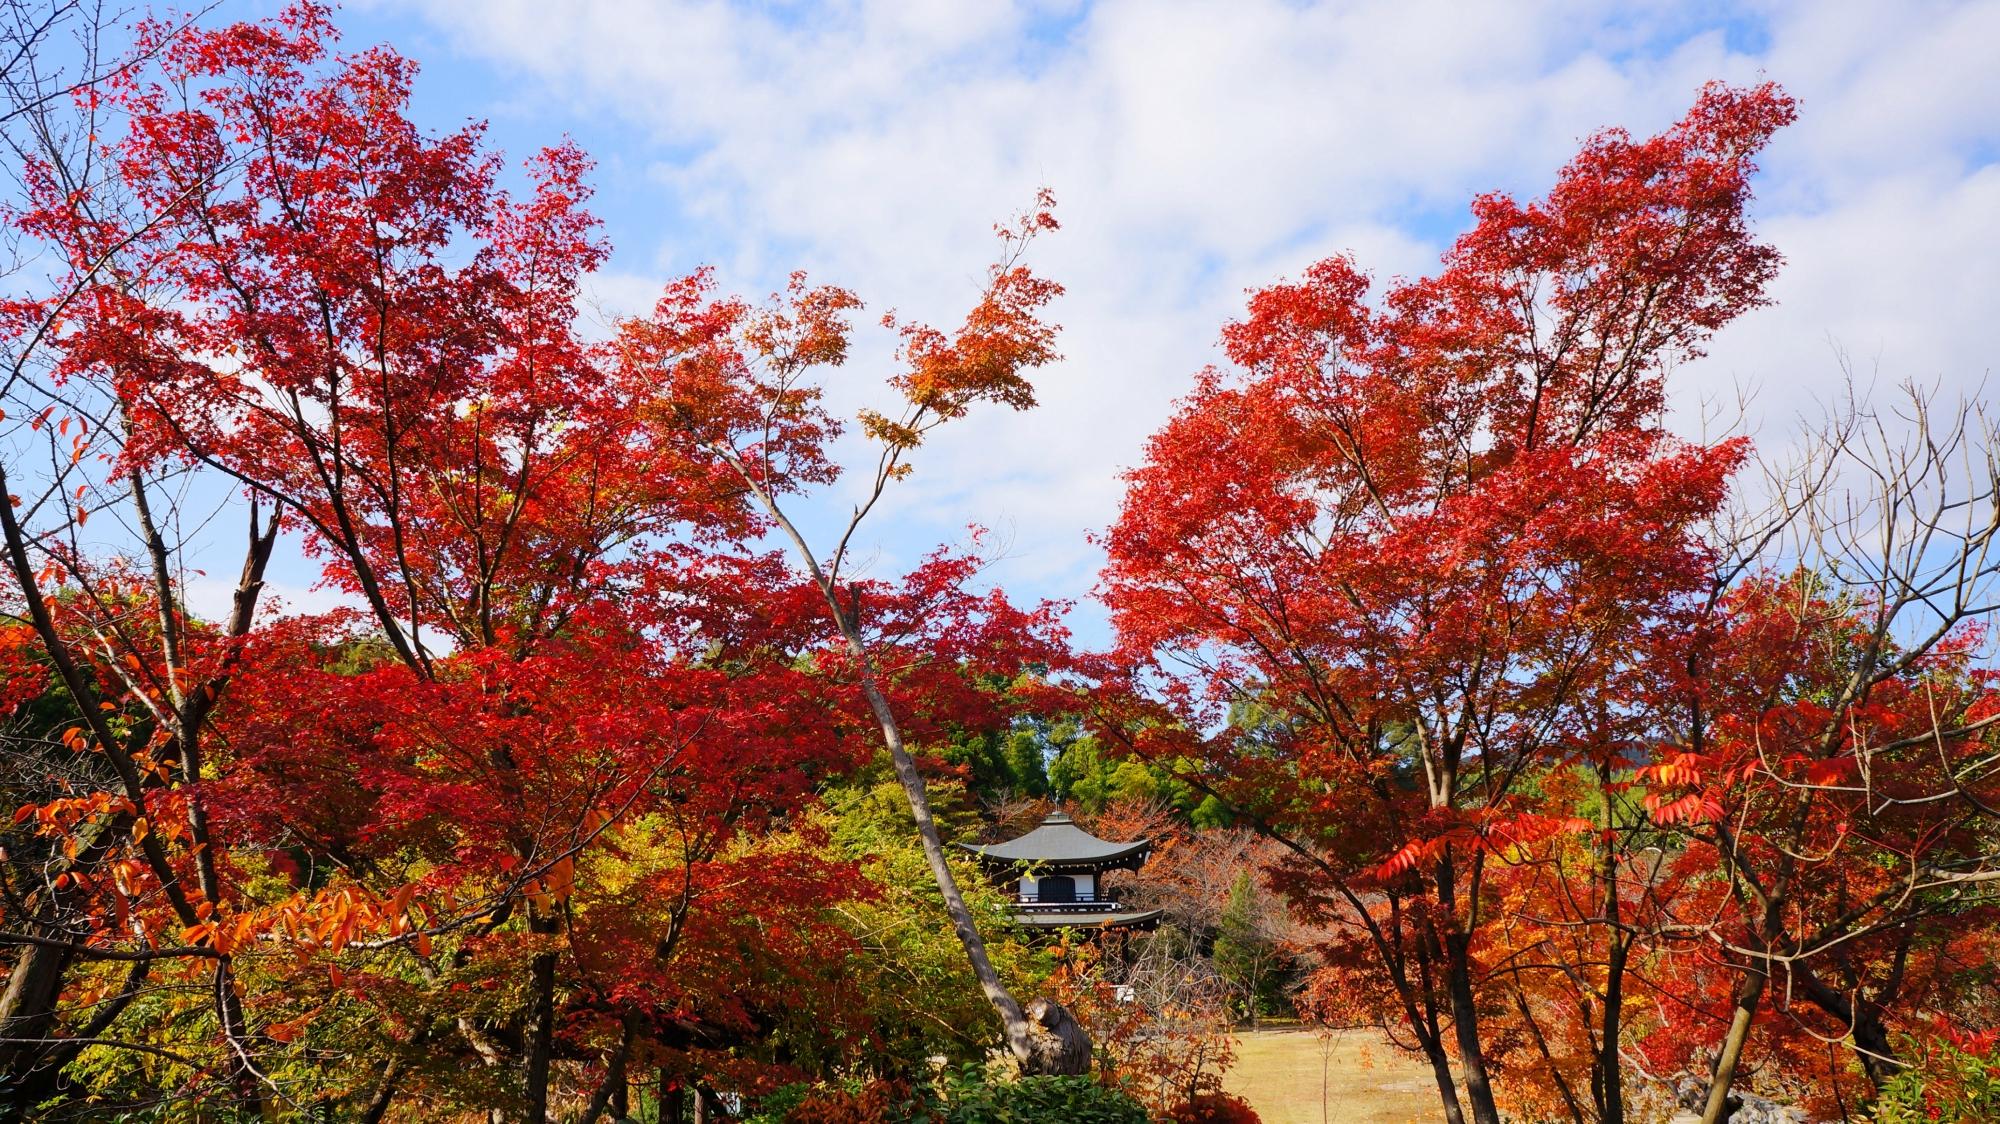 遠目から眺めた観音堂と紅葉